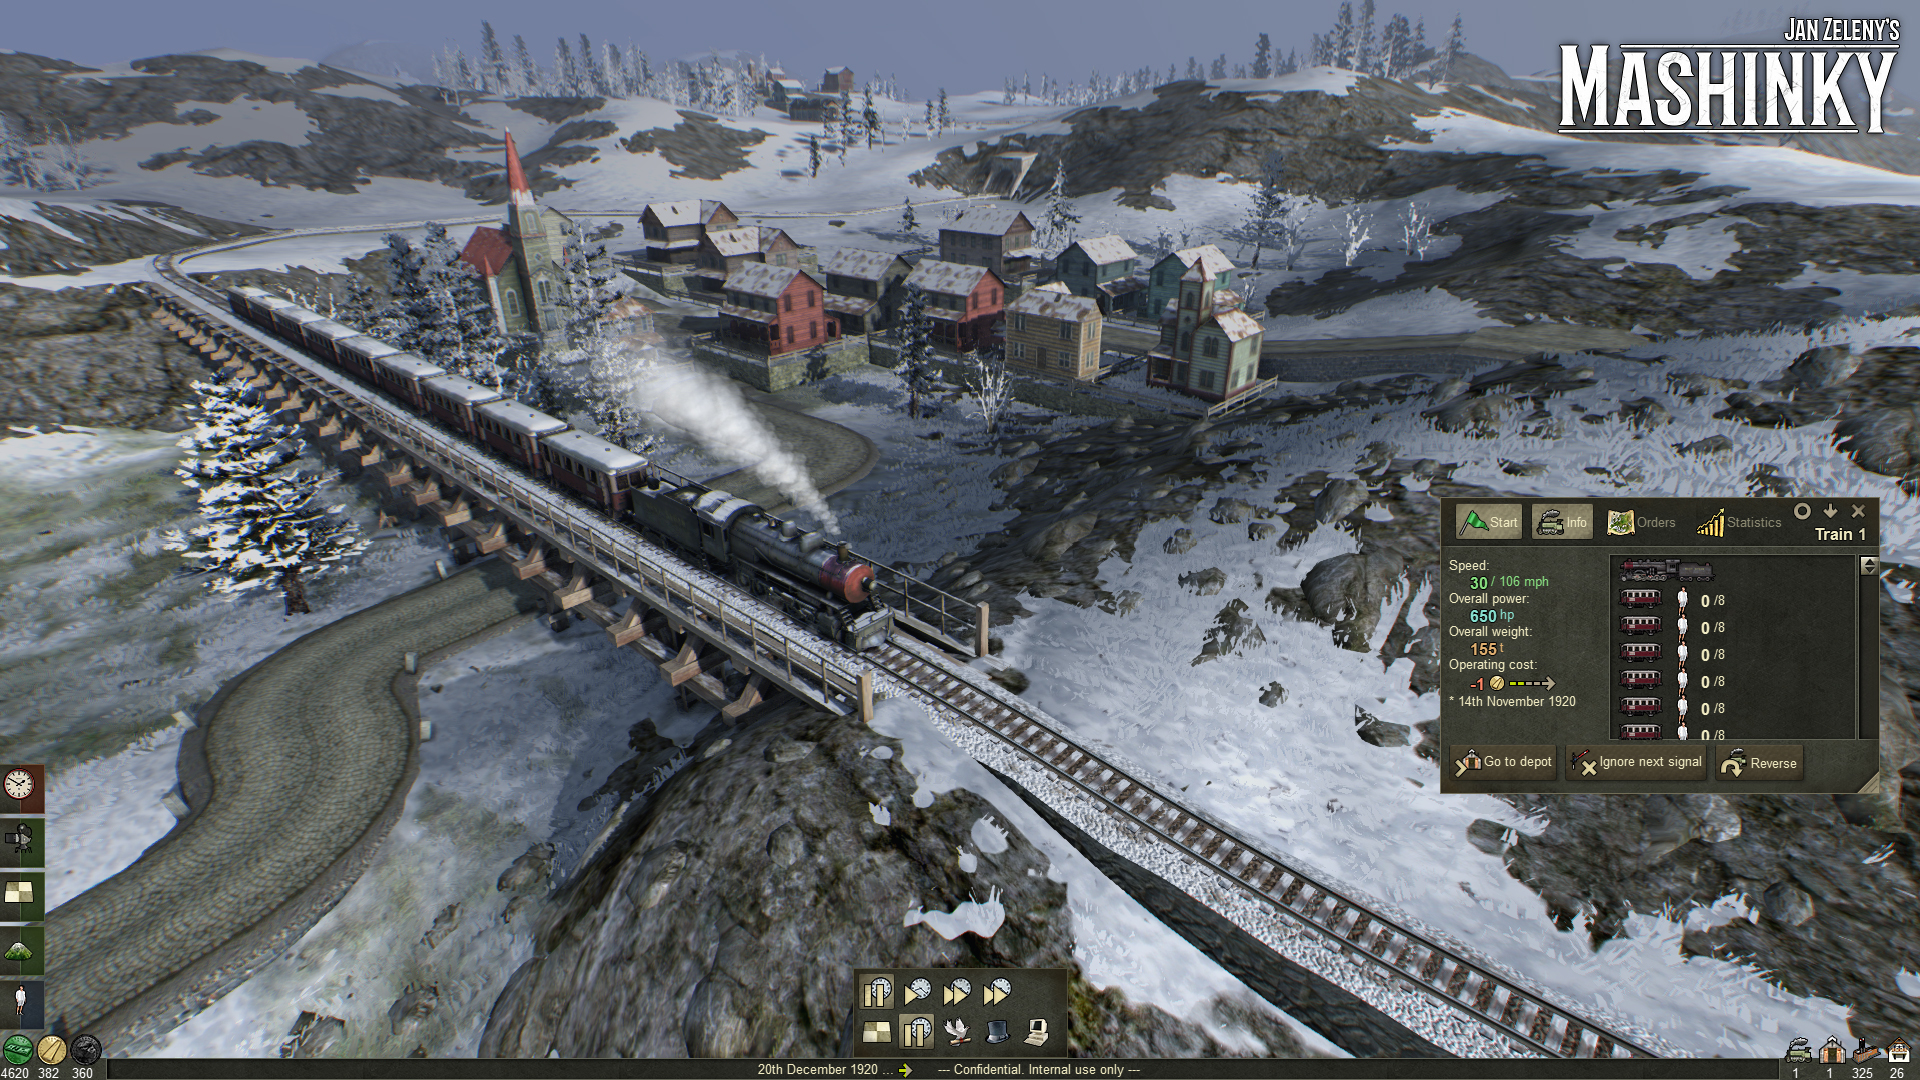 České Mashinky dorazí na Steam 6. října 149599